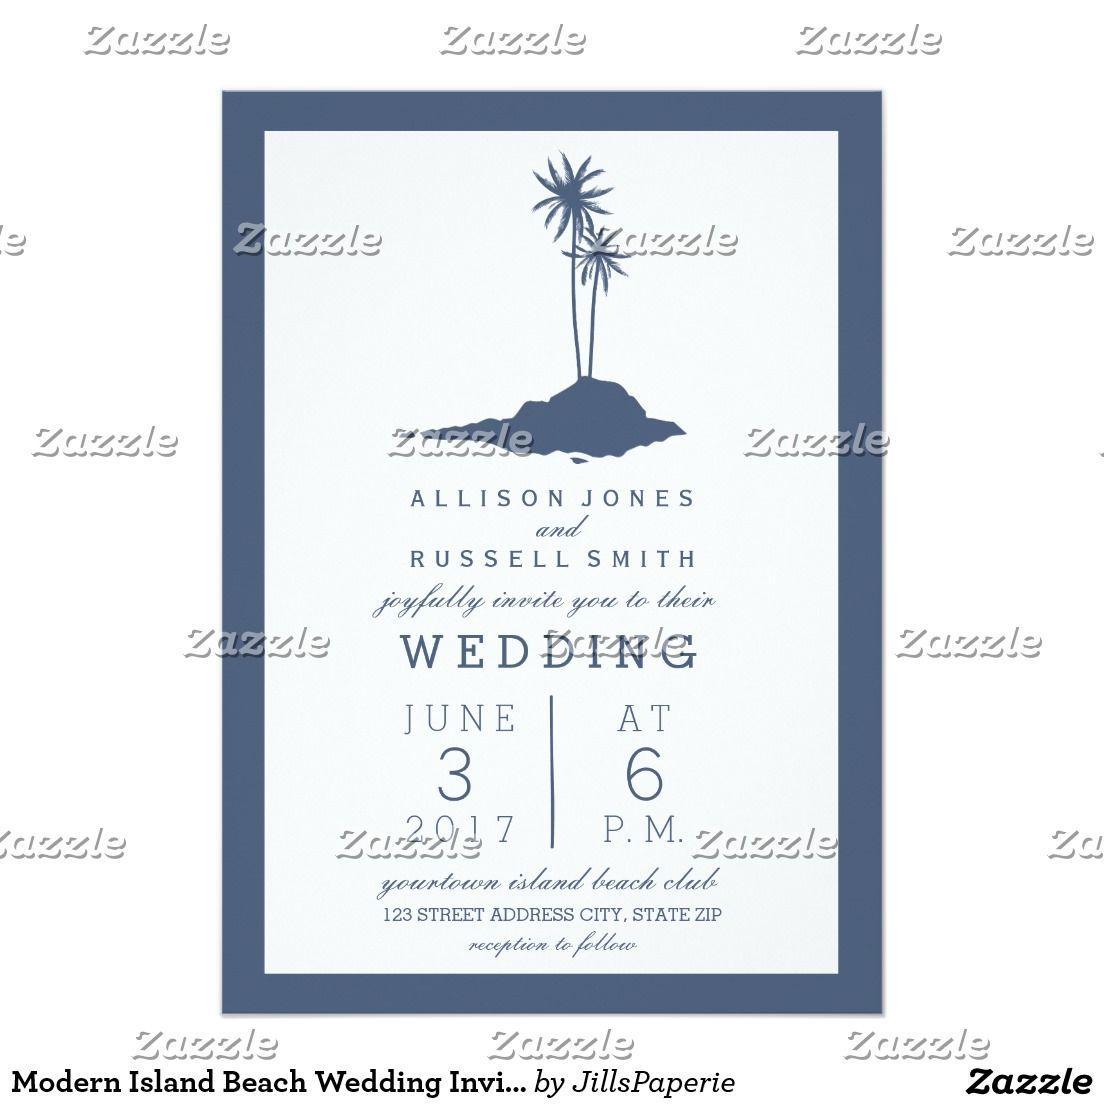 Modern Island Beach Wedding Invitation - Dark Blue | Beach wedding ...